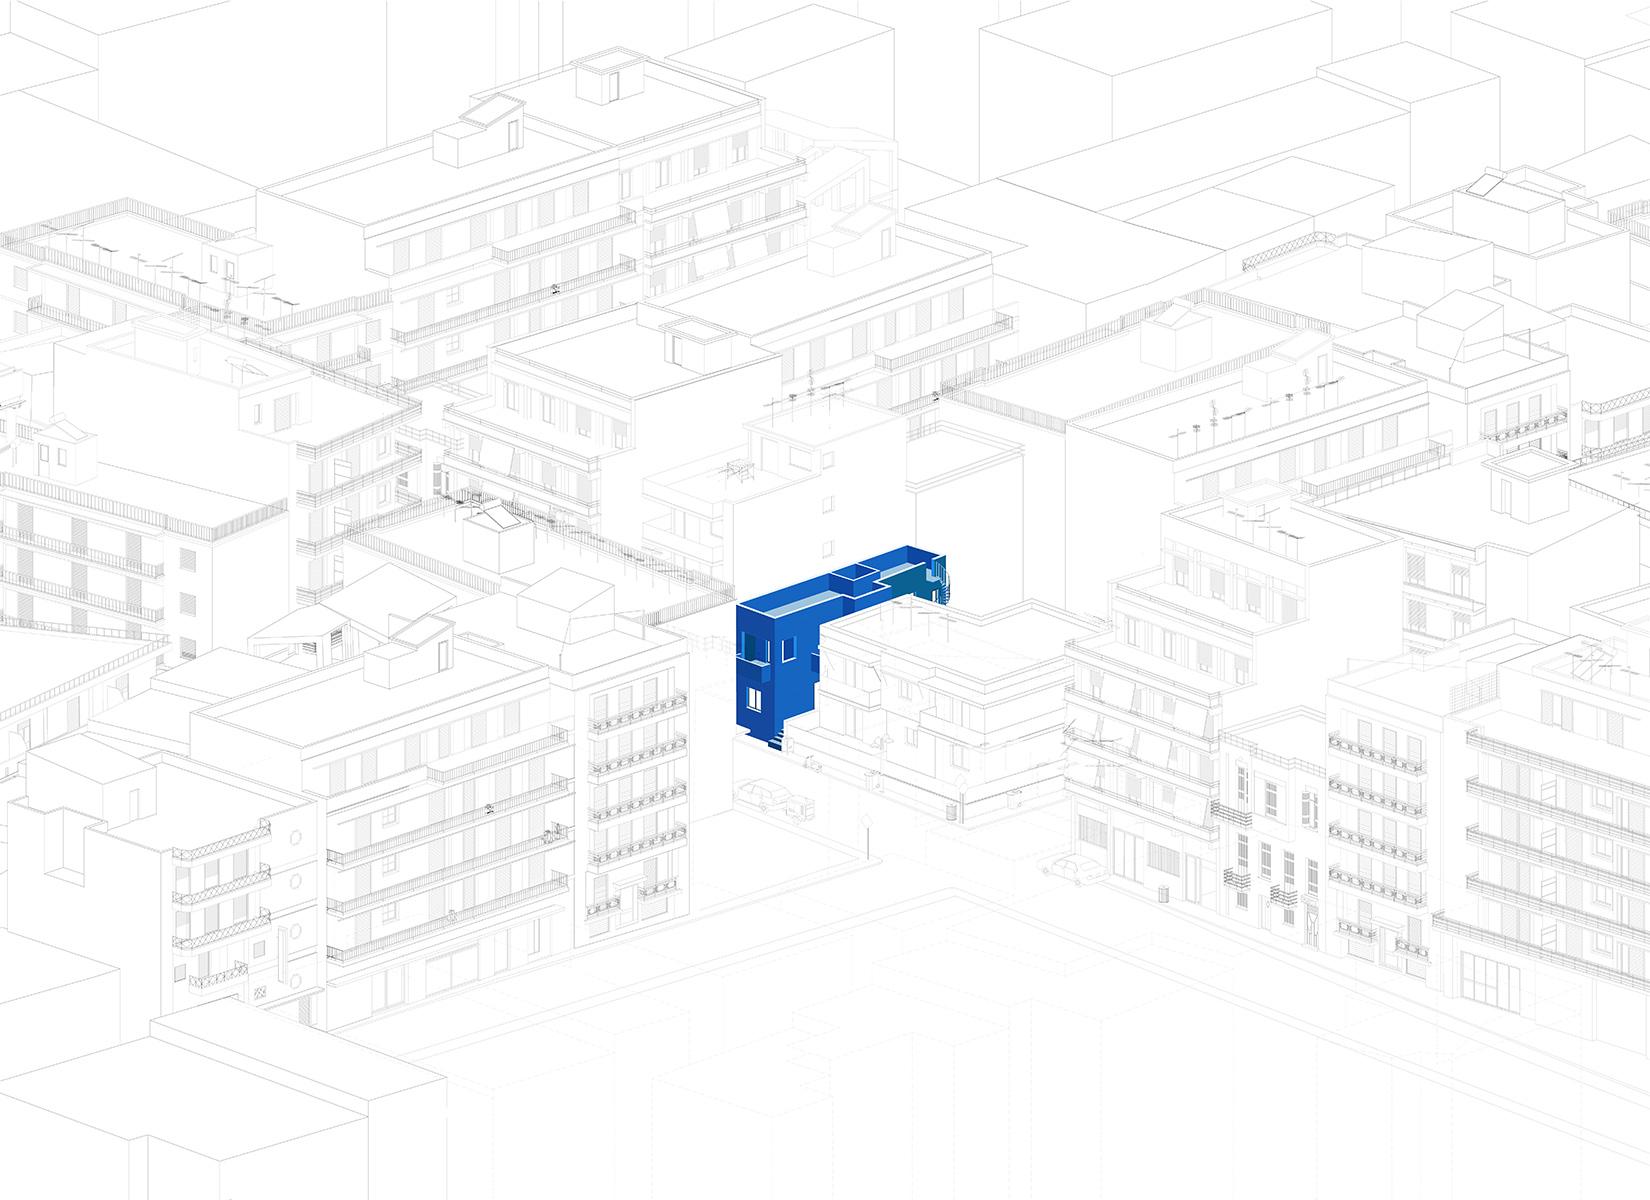 ISO_SCENE 27C blue pallette [Recovered]